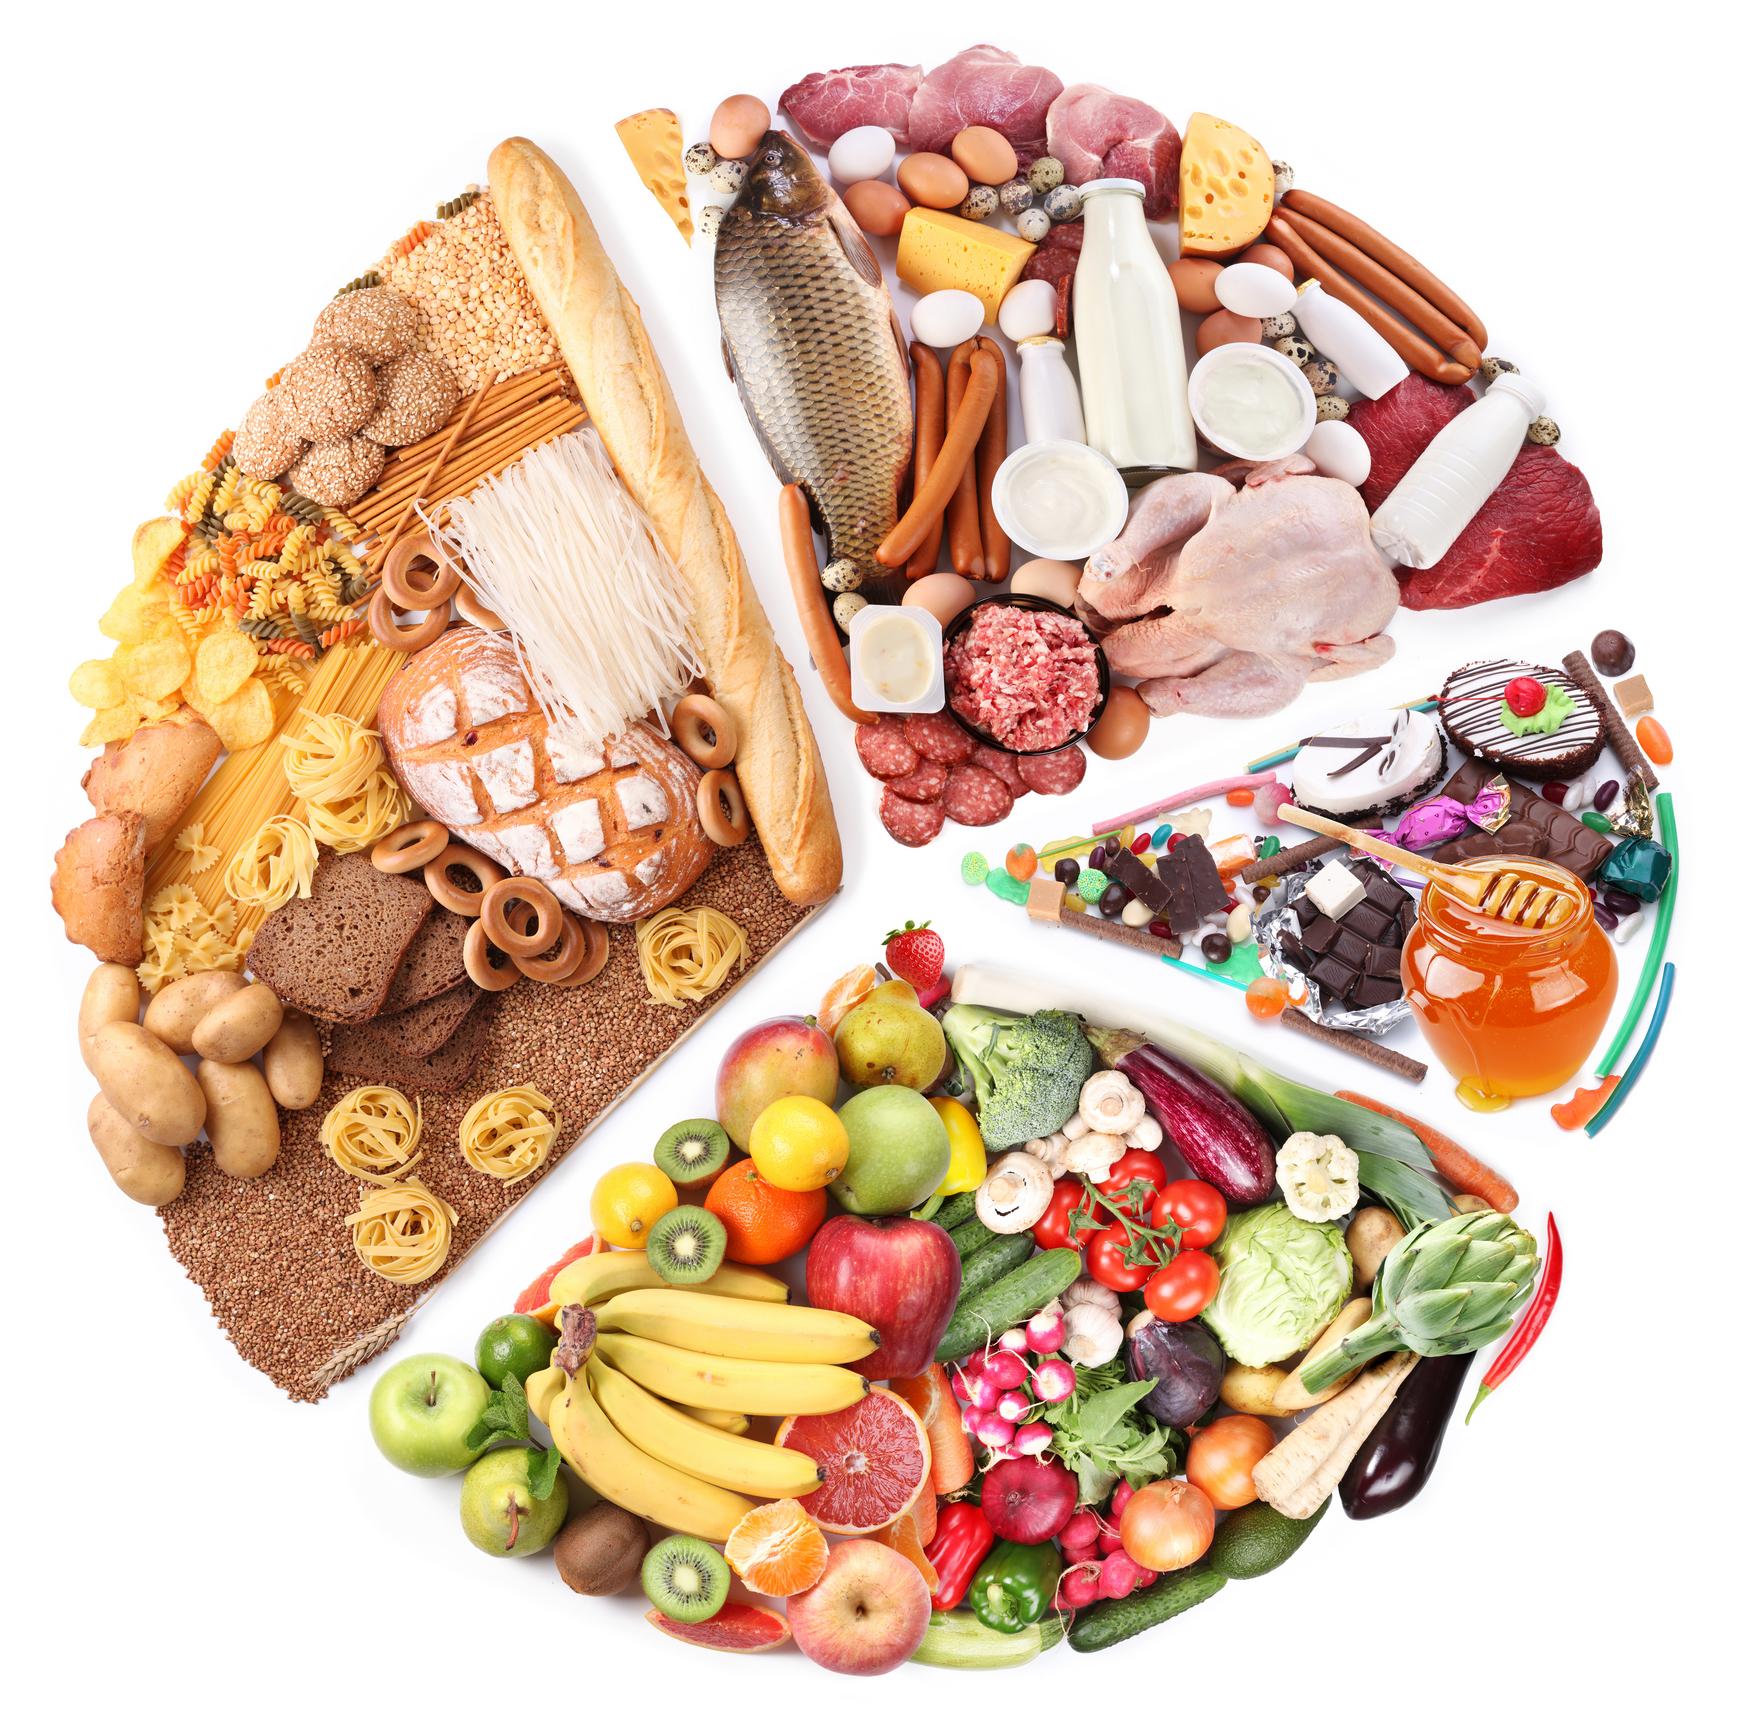 Фото продукты